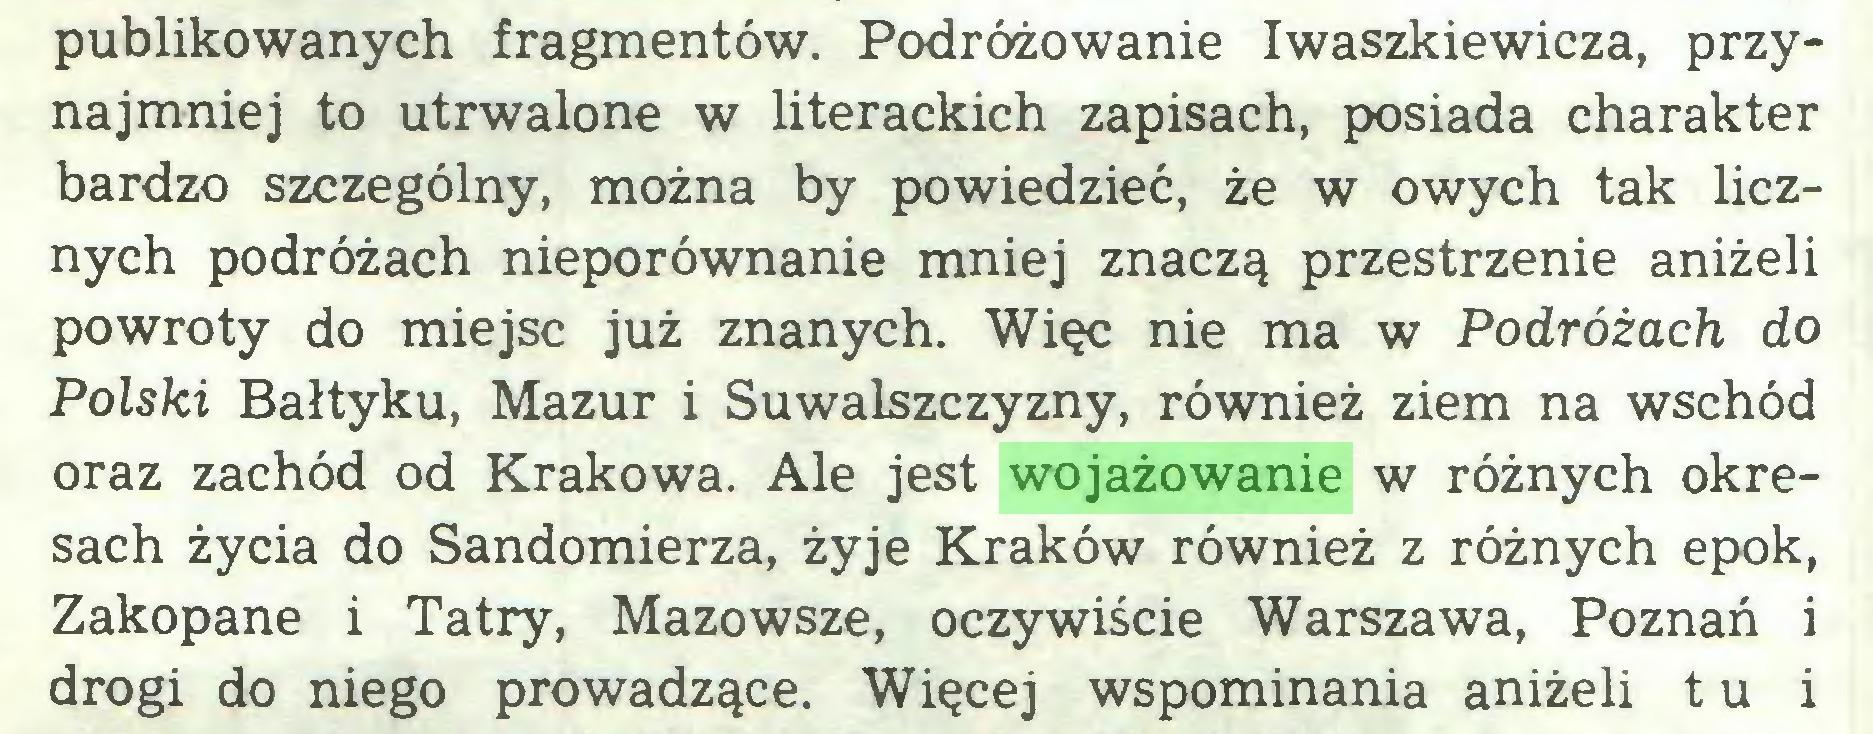 (...) publikowanych fragmentów. Podróżowanie Iwaszkiewicza, przynajmniej to utrwalone w literackich zapisach, posiada charakter bardzo szczególny, można by powiedzieć, że w owych tak licznych podróżach nieporównanie mniej znaczą przestrzenie aniżeli powroty do miejsc już znanych. Więc nie ma w Podróżach do Polski Bałtyku, Mazur i Suwalszczyzny, również ziem na wschód oraz zachód od Krakowa. Ale jest wojażowanie w różnych okresach życia do Sandomierza, żyje Kraków również z różnych epok, Zakopane i Tatry, Mazowsze, oczywiście Warszawa, Poznań i drogi do niego prowadzące. Więcej wspominania aniżeli t u i...